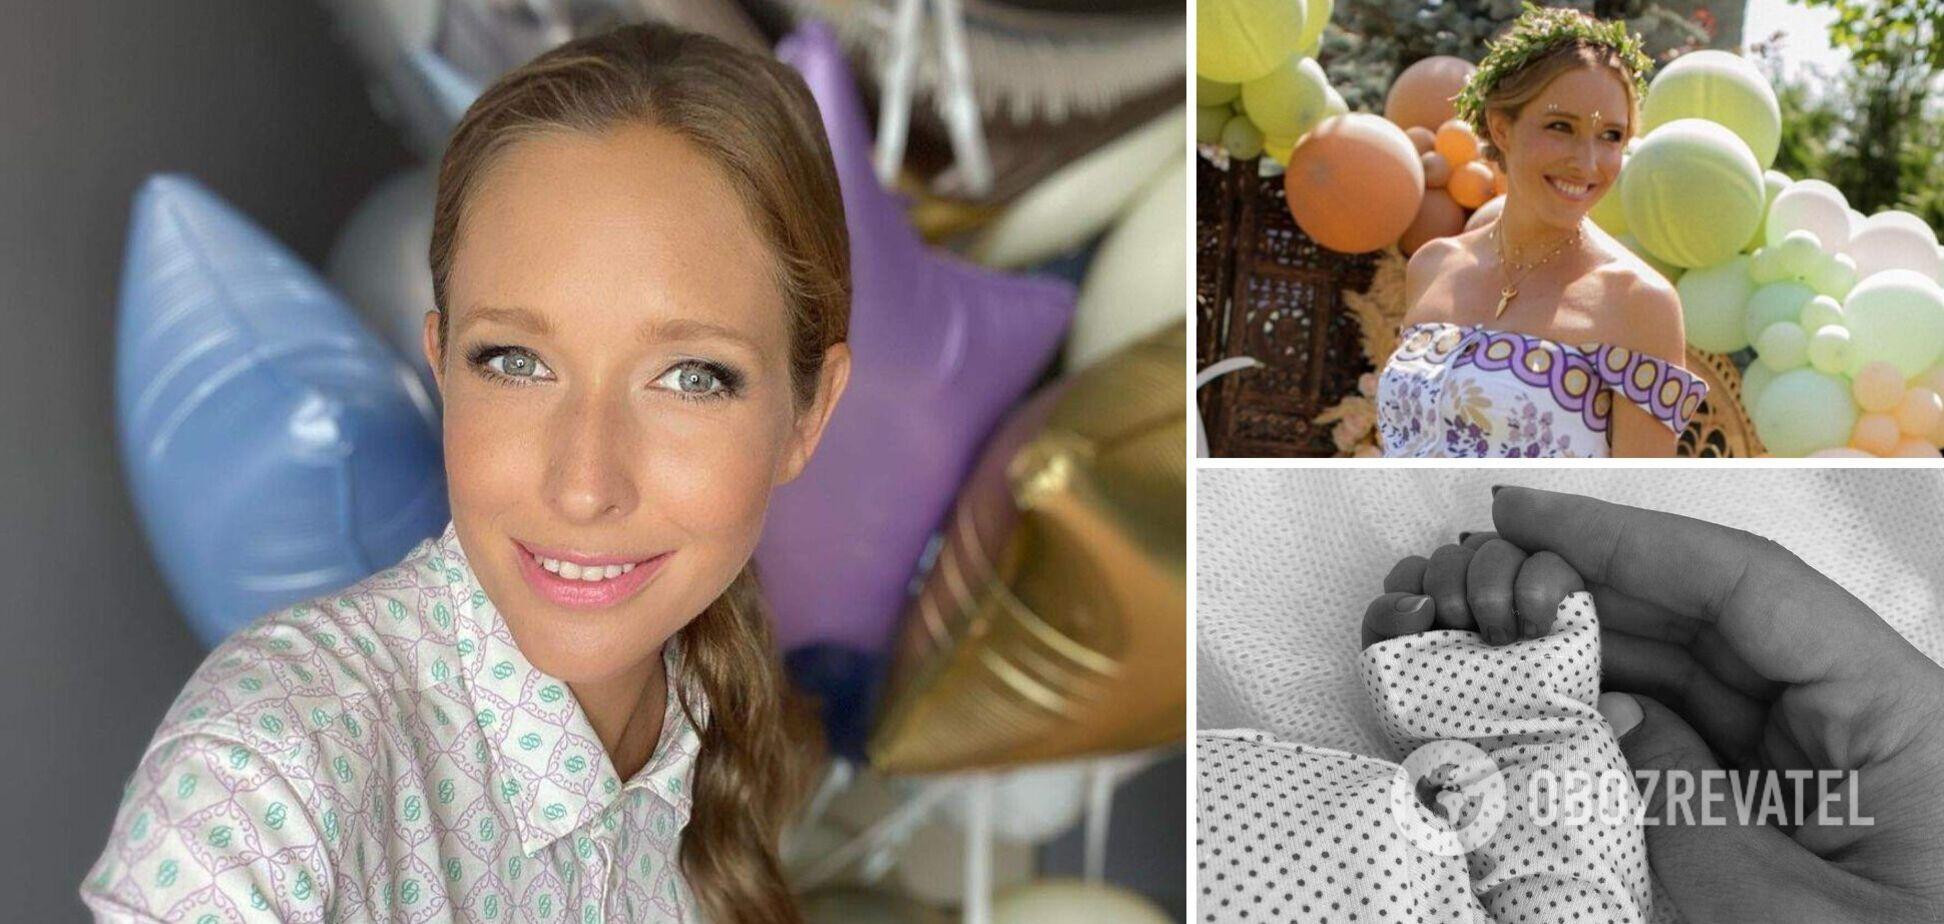 Катя Осадчая показала чувственное фото с новорожденным сыном